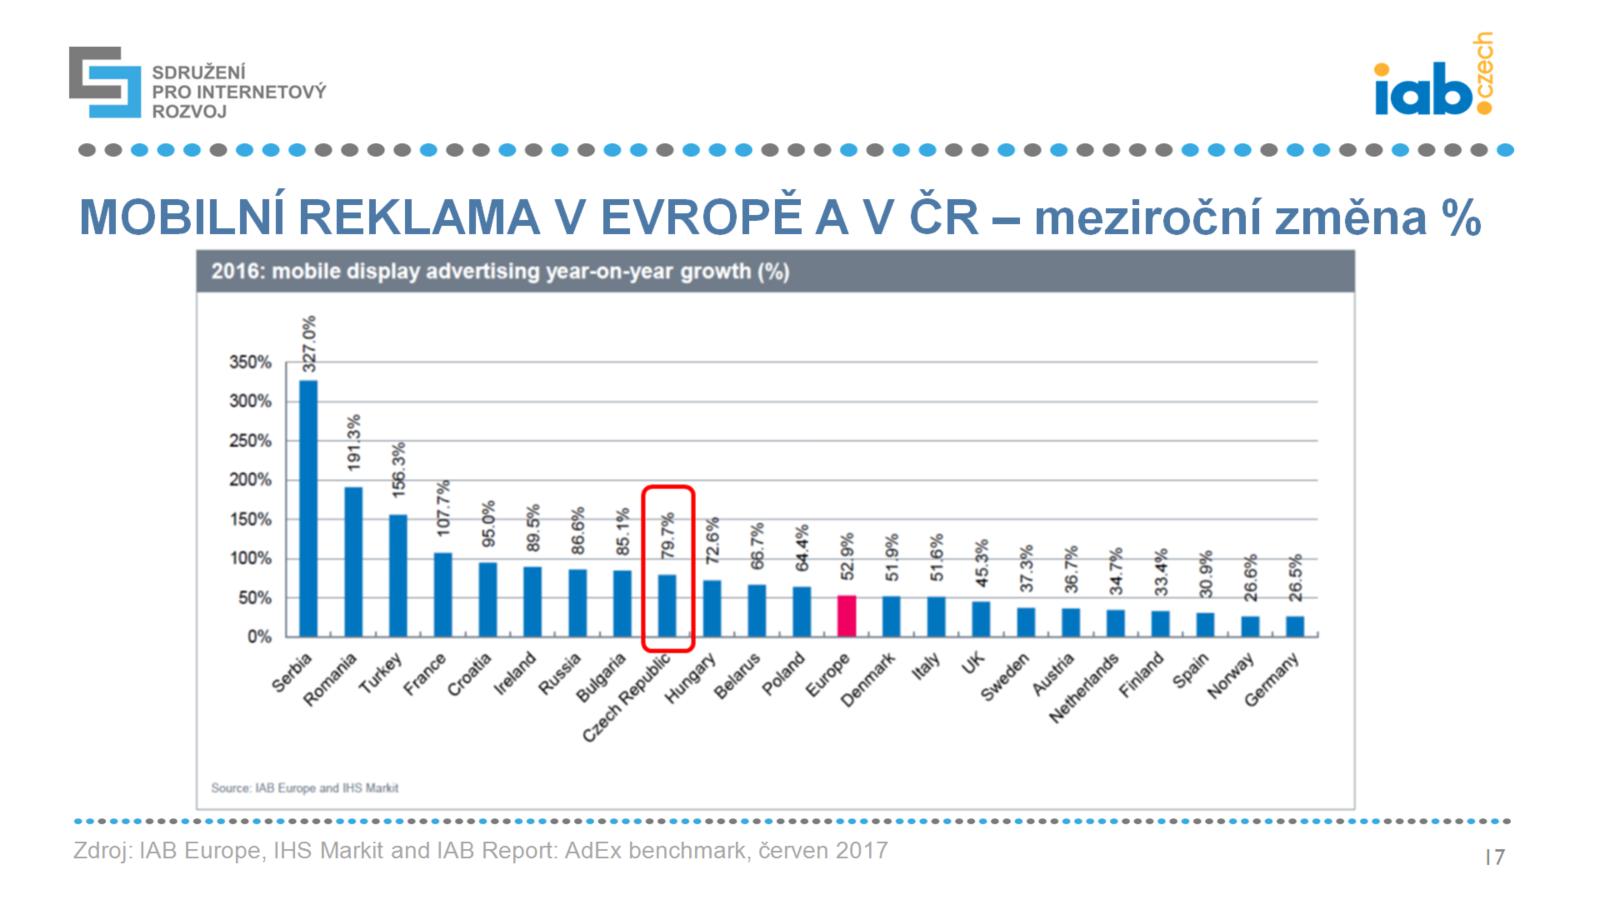 Mobilní reklama ve světě a v ČR